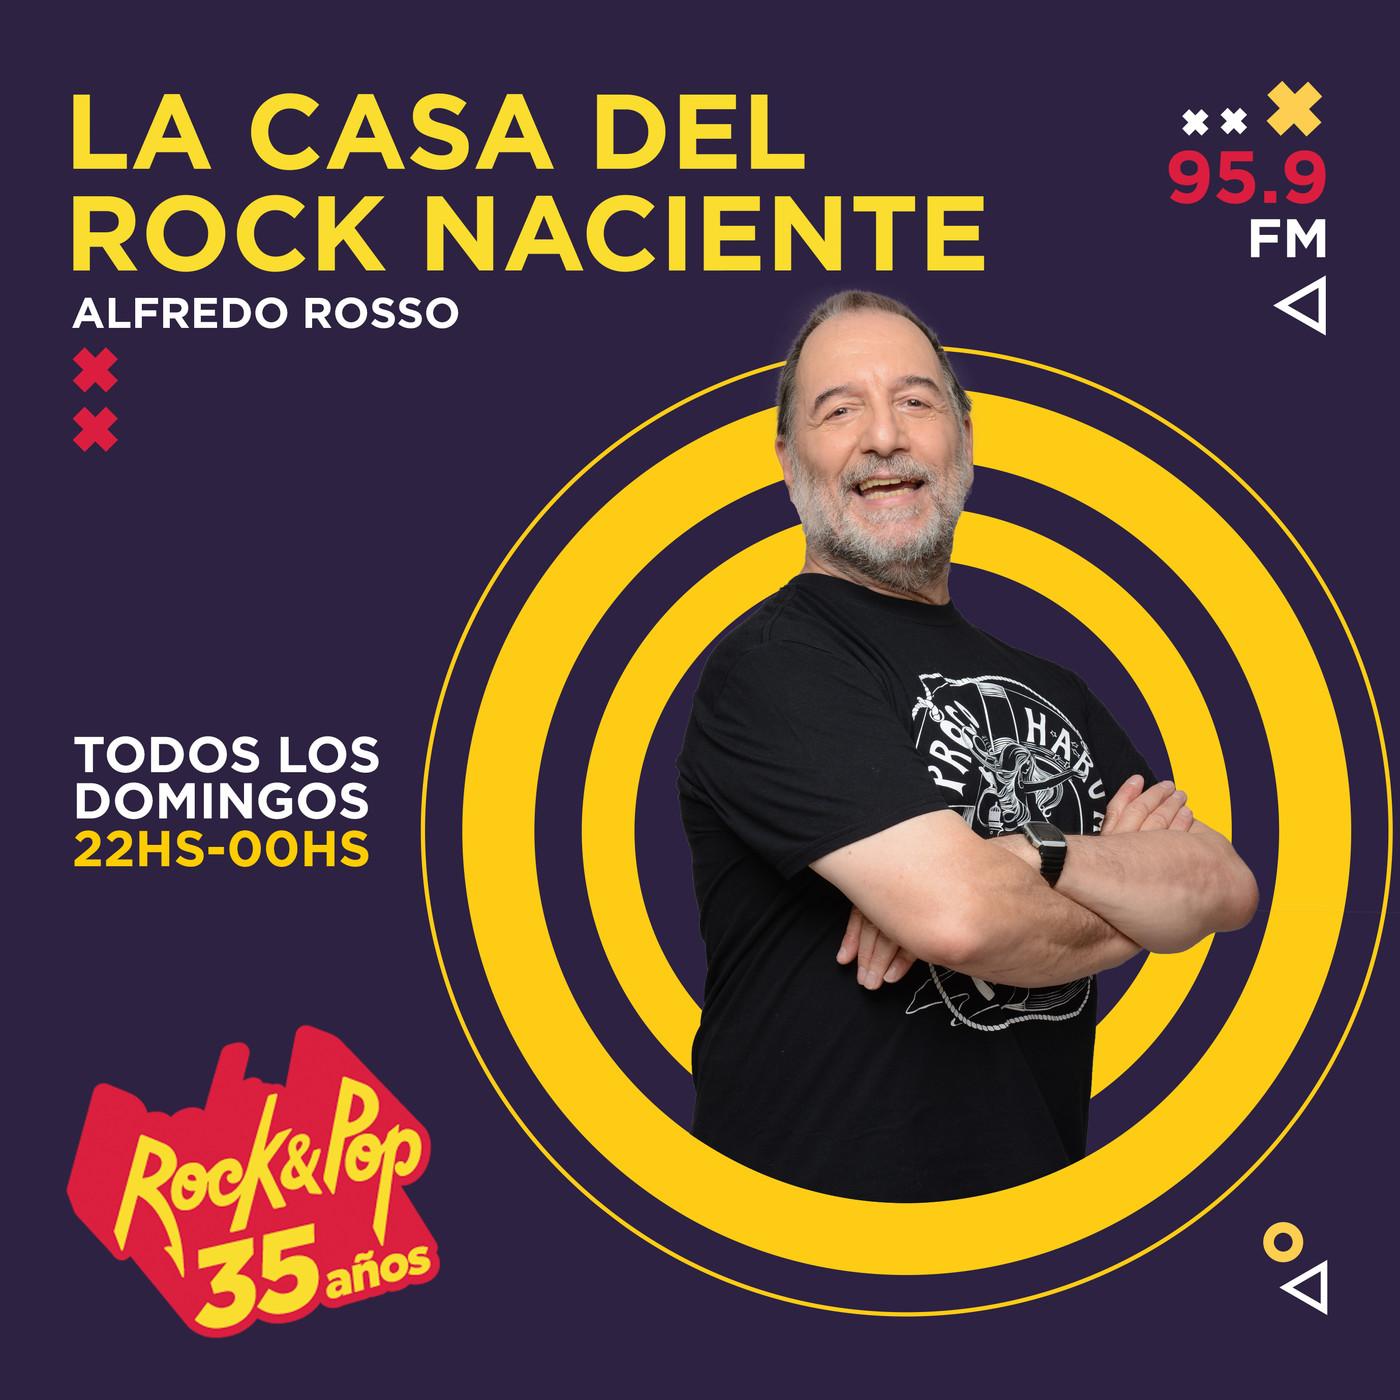 La Casa del Rock Naciente - 18 de octubre 2020